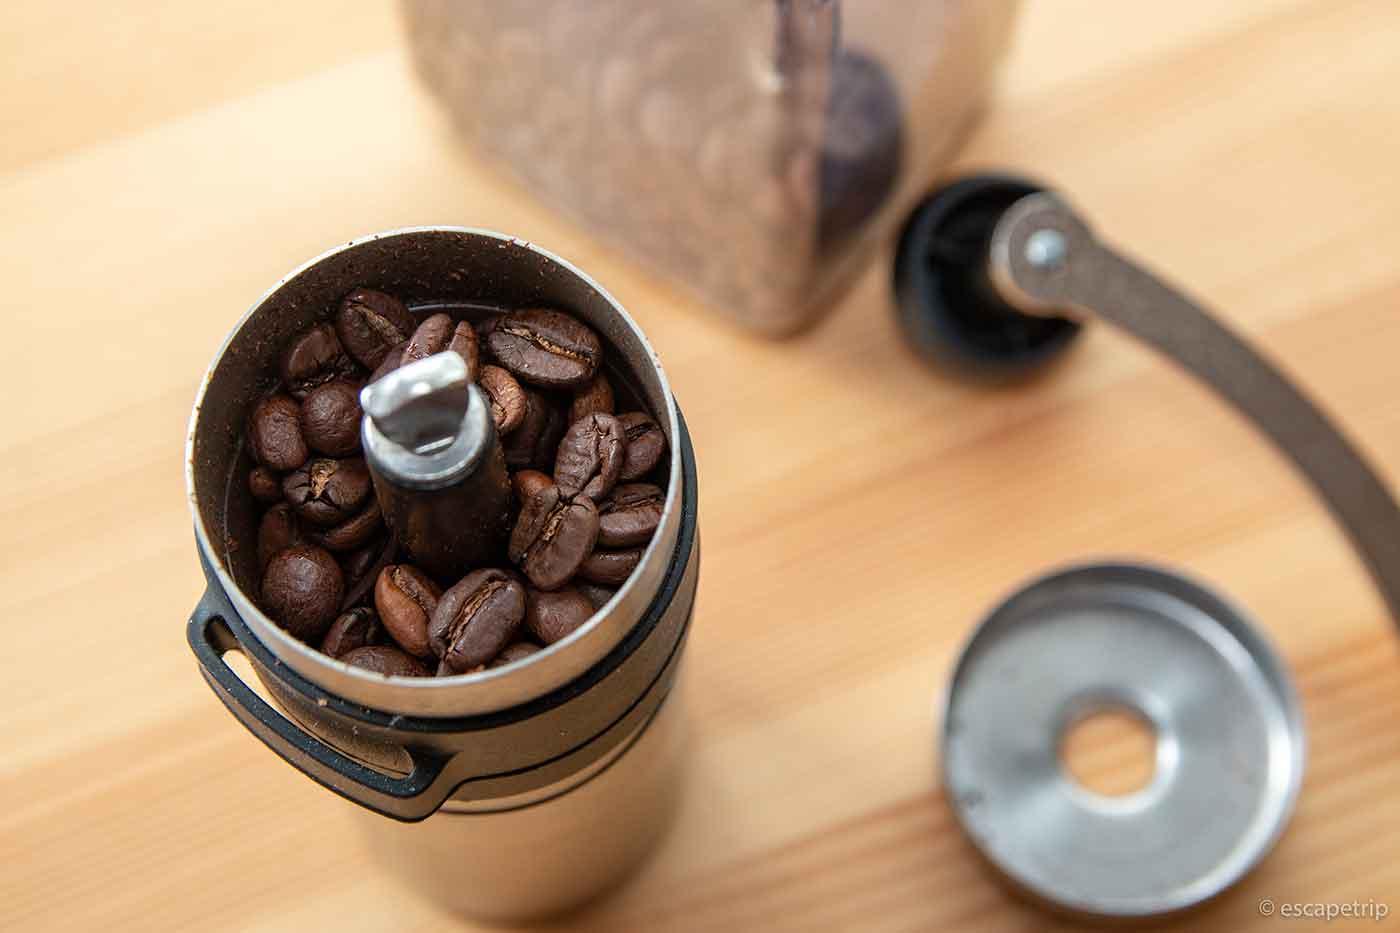 ポーレックスのコーヒーミルにコーヒー豆を入れる